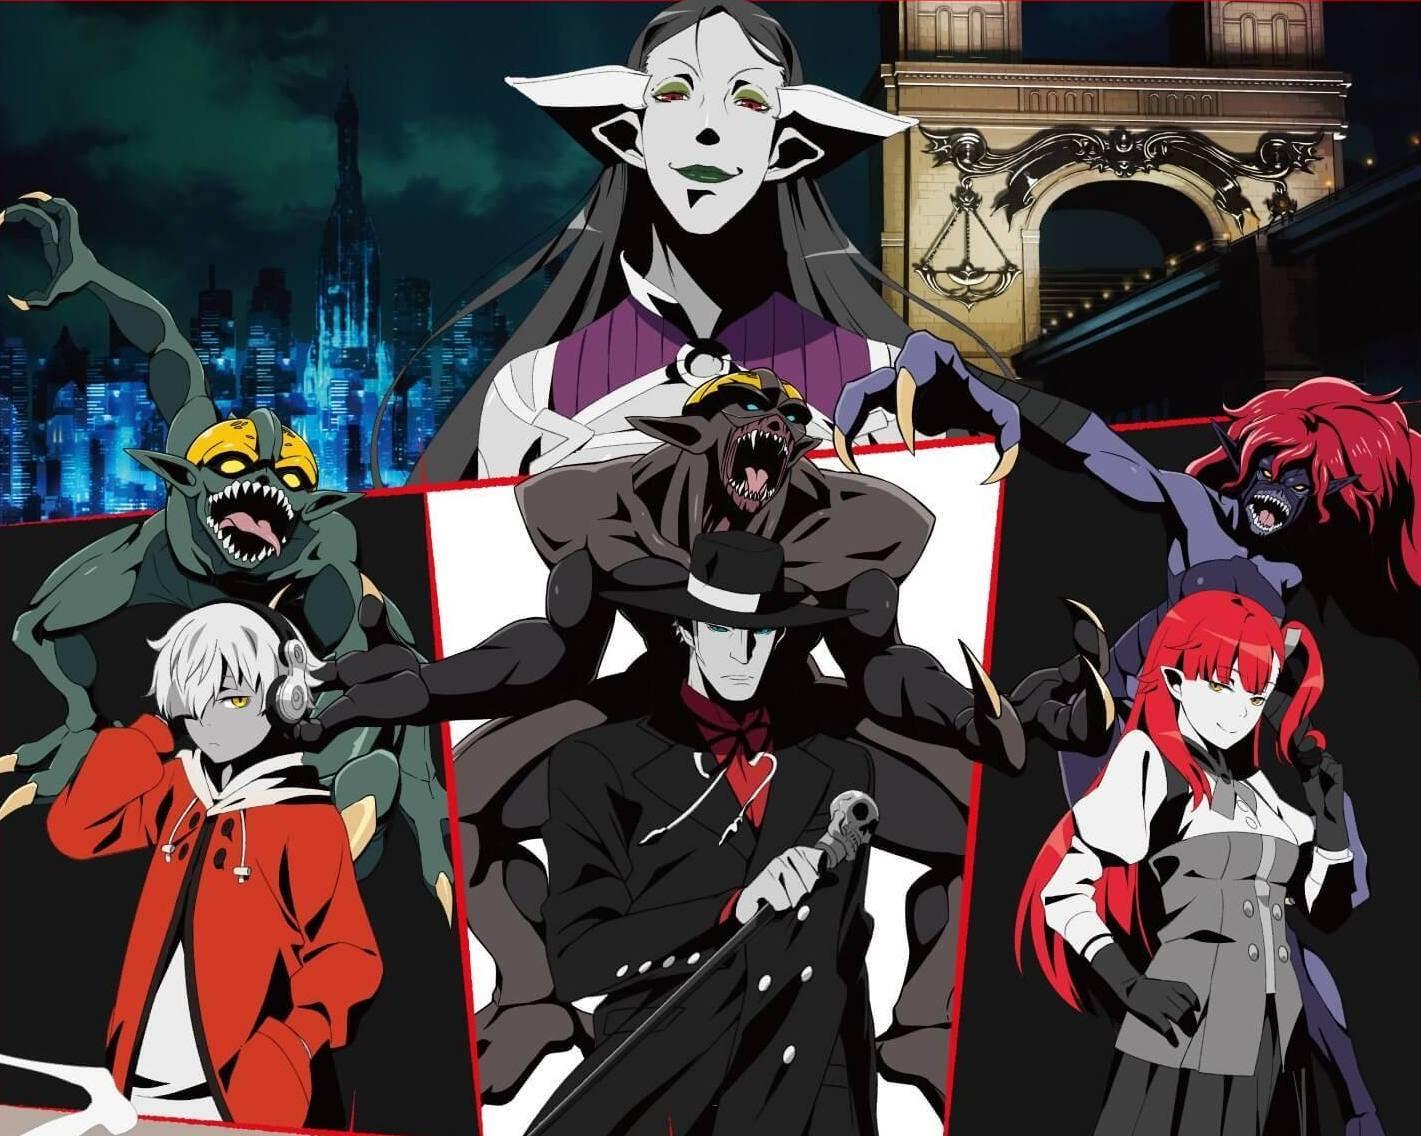 Фантастическое аниме этого лета: что стоит смотреть? 15